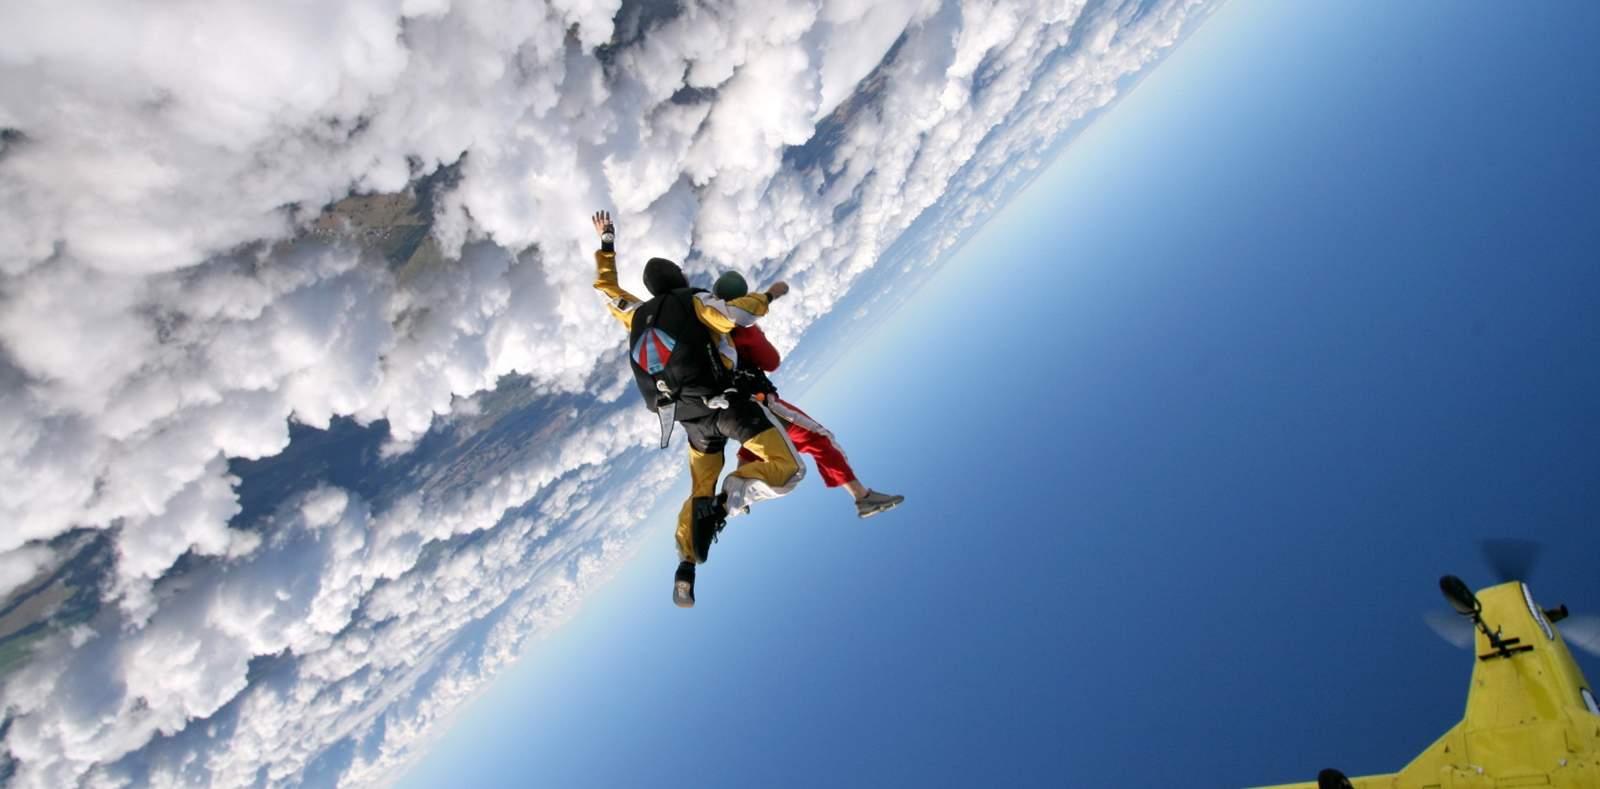 skydiving wallpaper 1680x1050